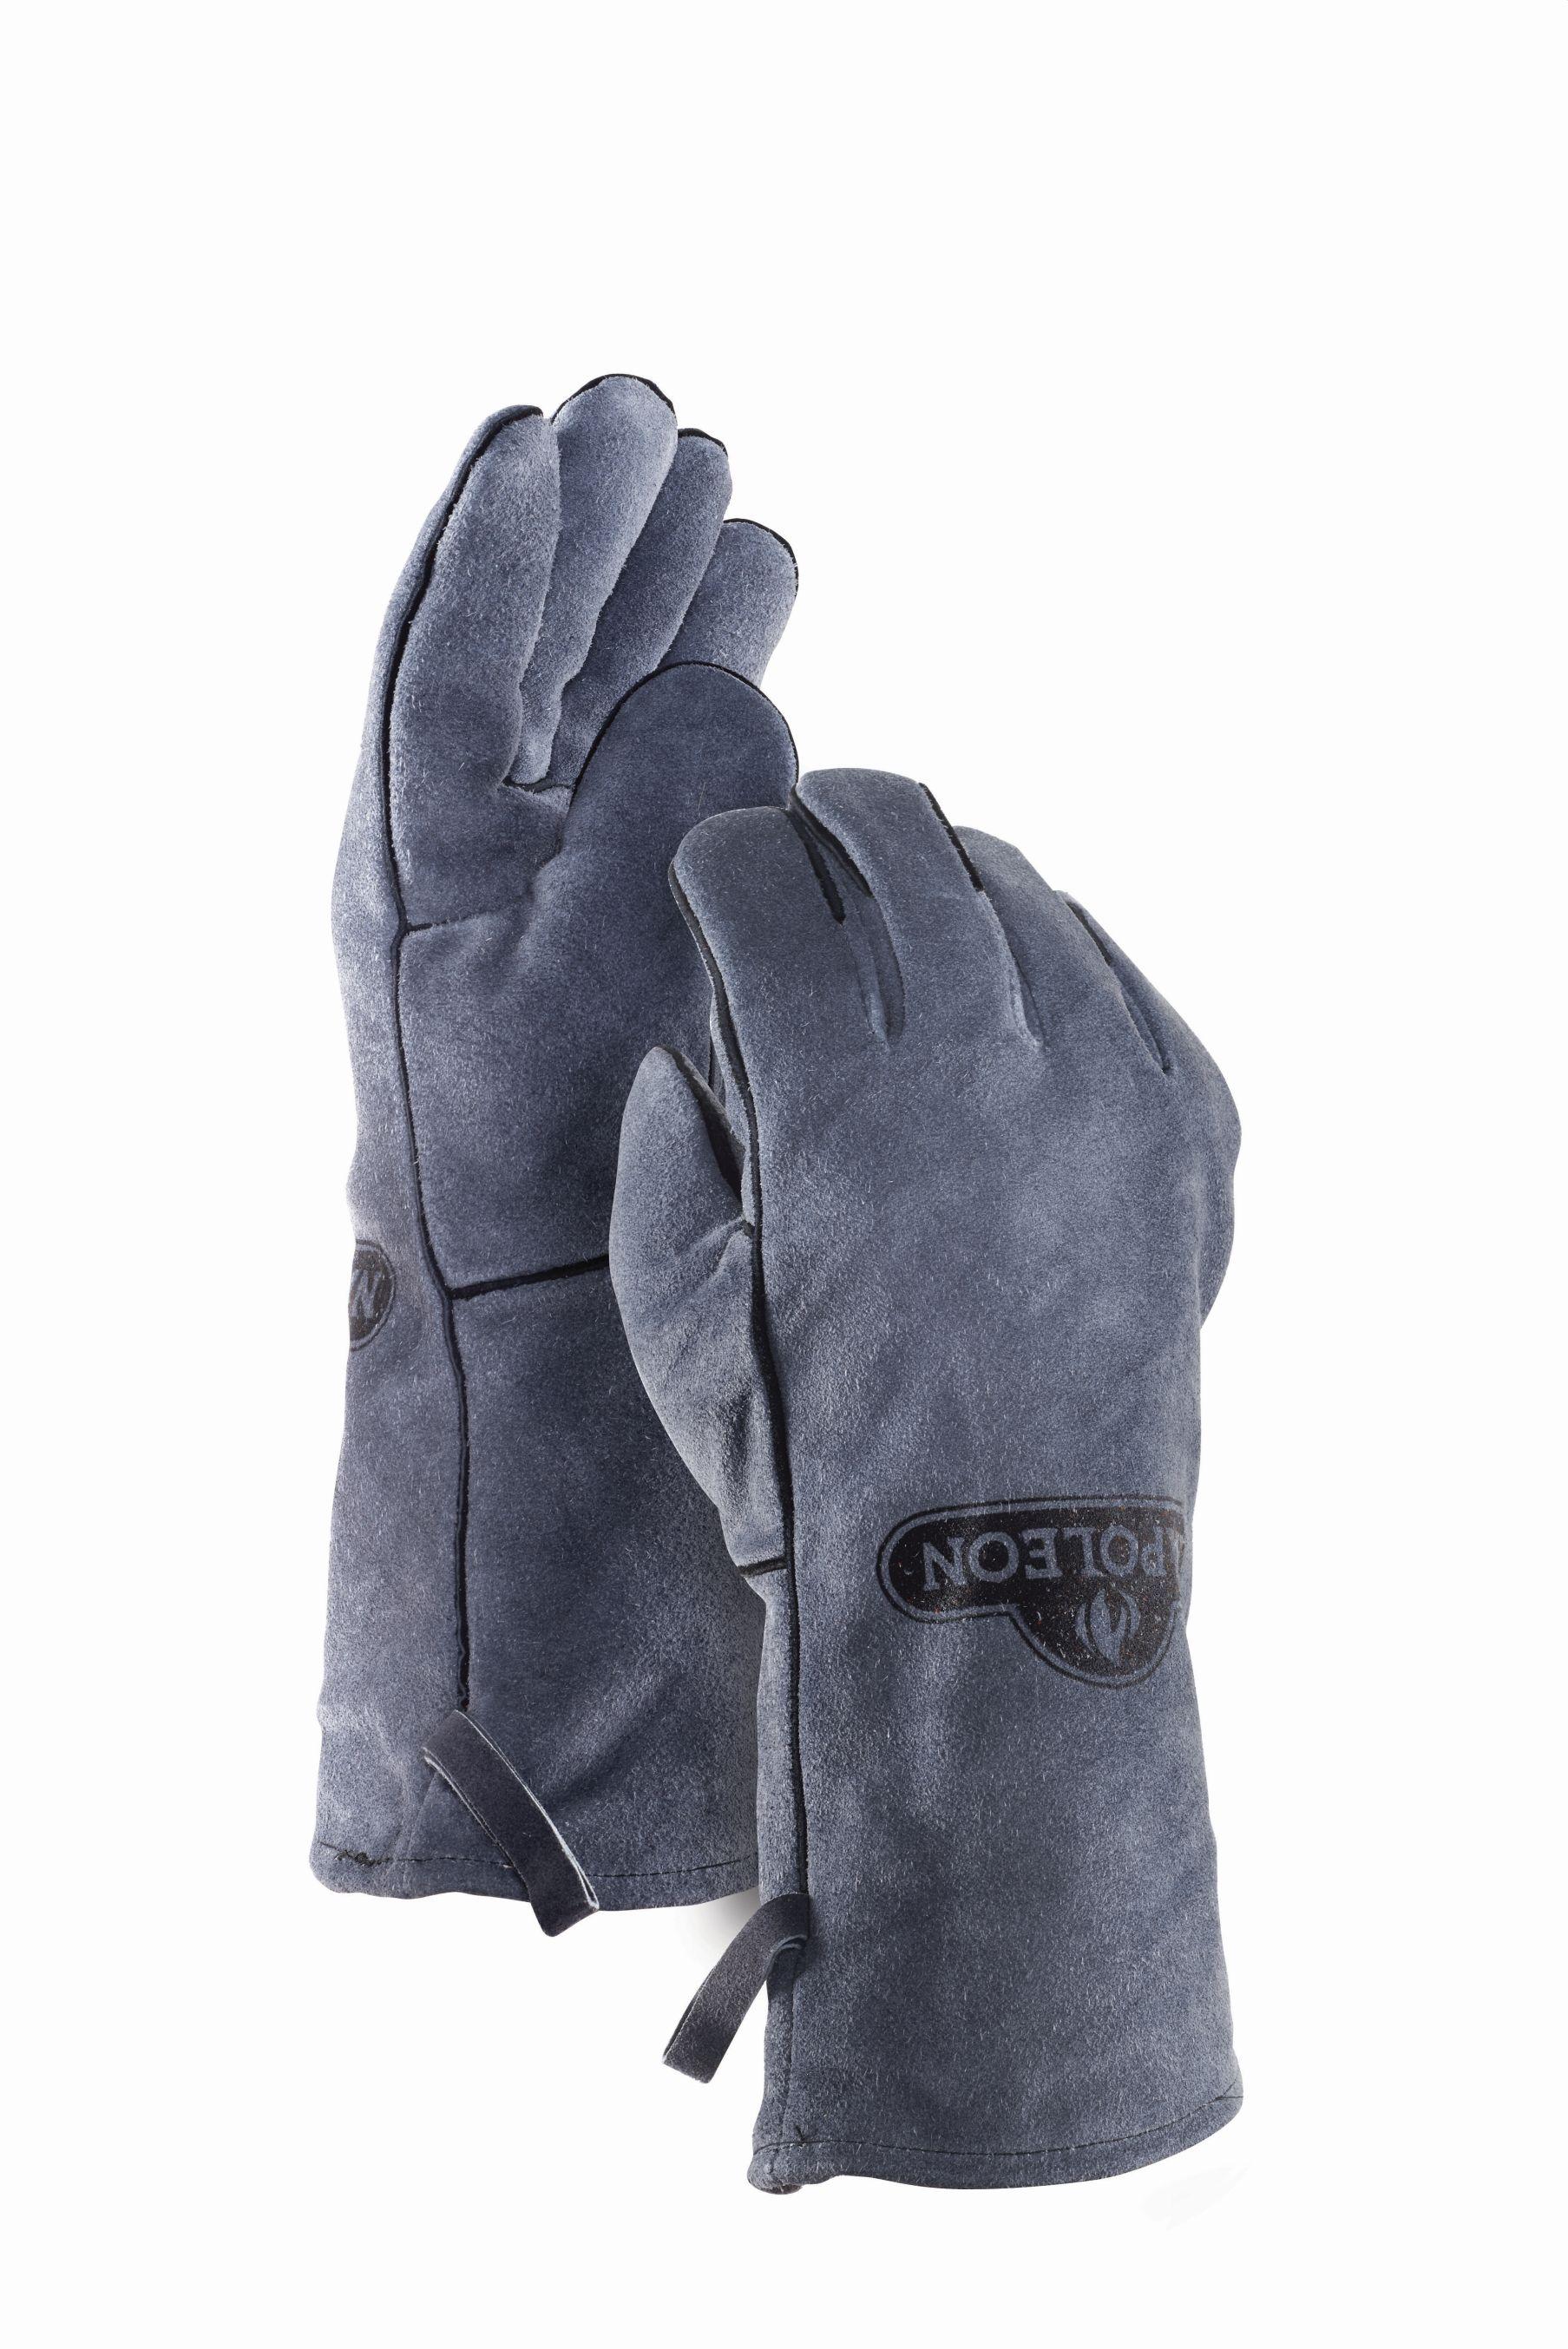 Napoleon Lederen Bbq-handschoenen